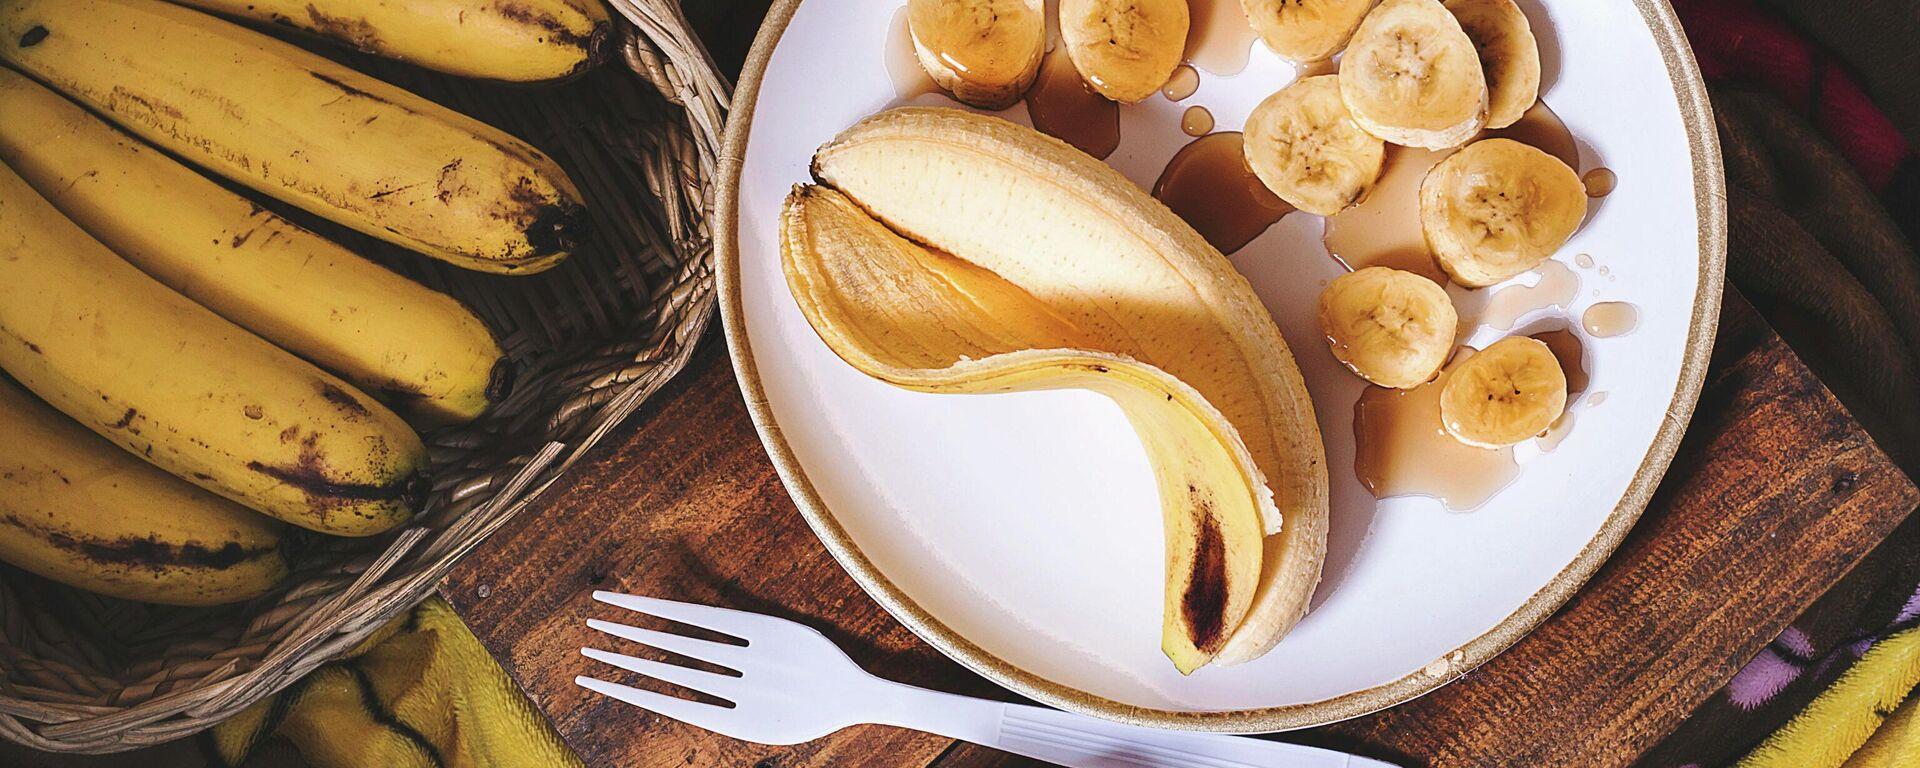 Plátano con miel - Sputnik Mundo, 1920, 11.09.2021